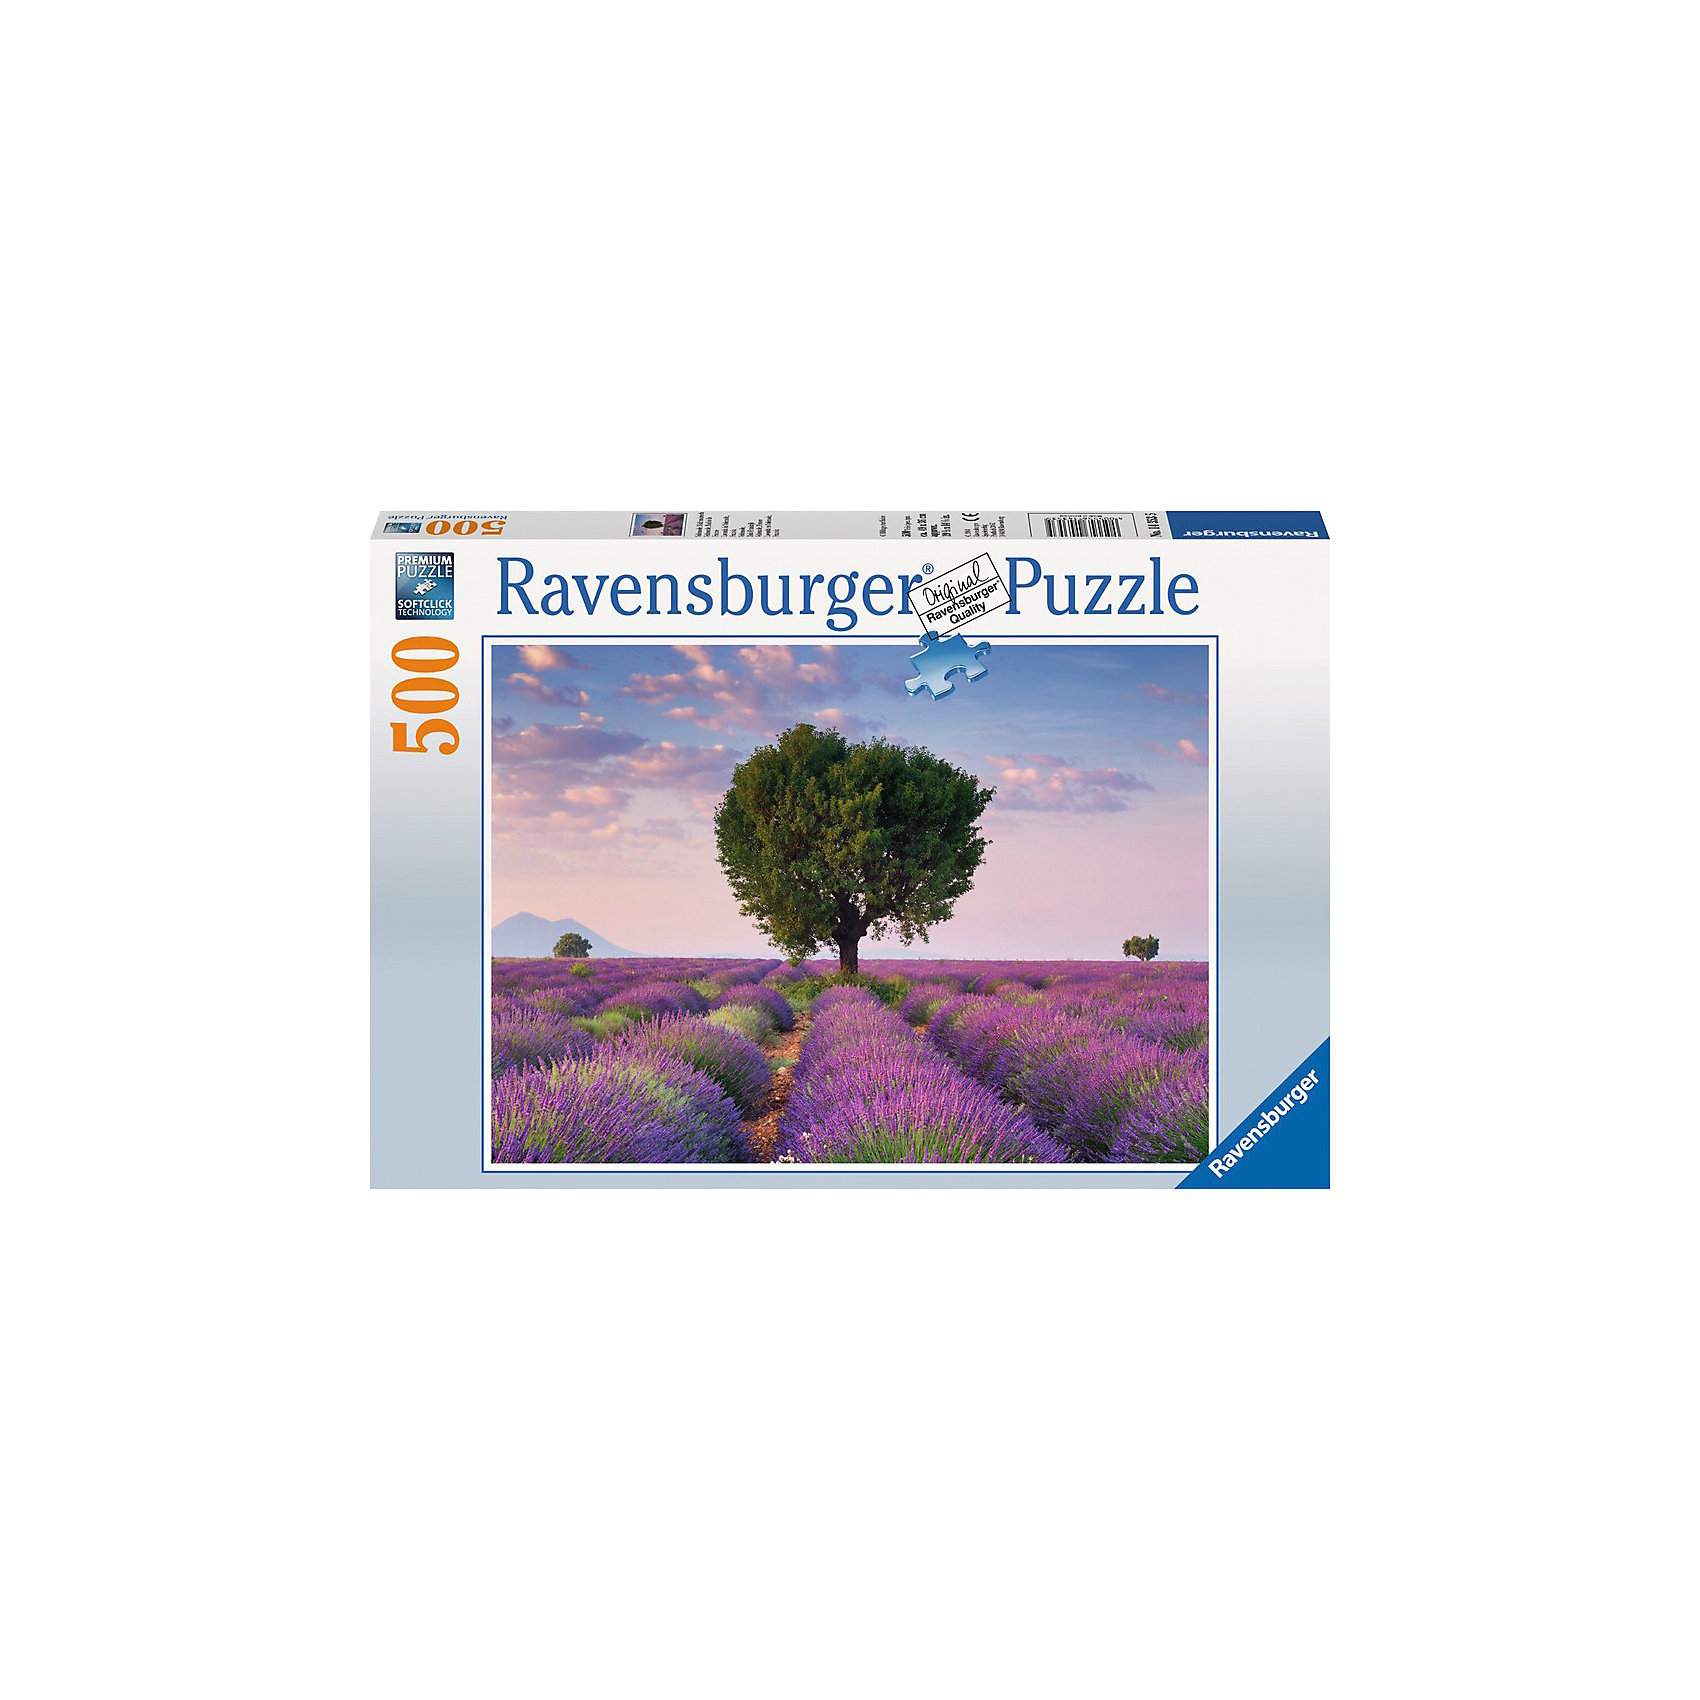 Пазл «Лавандовое поле», 500 деталей, RavensburgerЦветущая с июня по август лаванда придает удивительные краски природным ландшафтам Прованса - от дымчато-лиловых до иссиня-фиолетовых, в зависимости от погодных условий и поры цветения. С пазлом Лавандовое поле от Ravensburger (Равенсбургер) Вы можете привнести умиротворяющую частичку цветущих полей в своей дом! Пазл настолько яркий и реалистичный, что собирая его, Вы можете почувствовать нежный аромат лаванды. Вас порадует, что плотный картон, из которого состоит пазл не мнется во время сборки, яркая картинка защищена от расслаивания, благодаря чему такой пазл способен служить долгое время. Украсьте свой интерьер чудным пейзажем, просто вставив законченный пазл в рамку. Пазл «Лавандовое поле» от Ravensburger (Равенсбургер) - это полезное и увлекательное занятие для всей семьи!<br> <br>Дополнительная информация:<br><br>- Развивает моторику и внимание;<br>- Прекрасный подарок;<br>- Матовая поверхность исключает отблески;<br>- Очень качественные элементы не расслаиваются;<br>- Материал: картон;<br>- Размер готовой картинки: 49 х 36 см;<br>- Размер упаковки: 34 х 23 х 4 см;<br>- Вес: 540 г<br><br>Пазл «Лавандовое поле» 500 деталей, Ravensburger (Равенсбургер) можно купить в нашем интернет-магазине.<br><br>Ширина мм: 338<br>Глубина мм: 233<br>Высота мм: 39<br>Вес г: 512<br>Возраст от месяцев: 144<br>Возраст до месяцев: 228<br>Пол: Унисекс<br>Возраст: Детский<br>Количество деталей: 500<br>SKU: 3412929